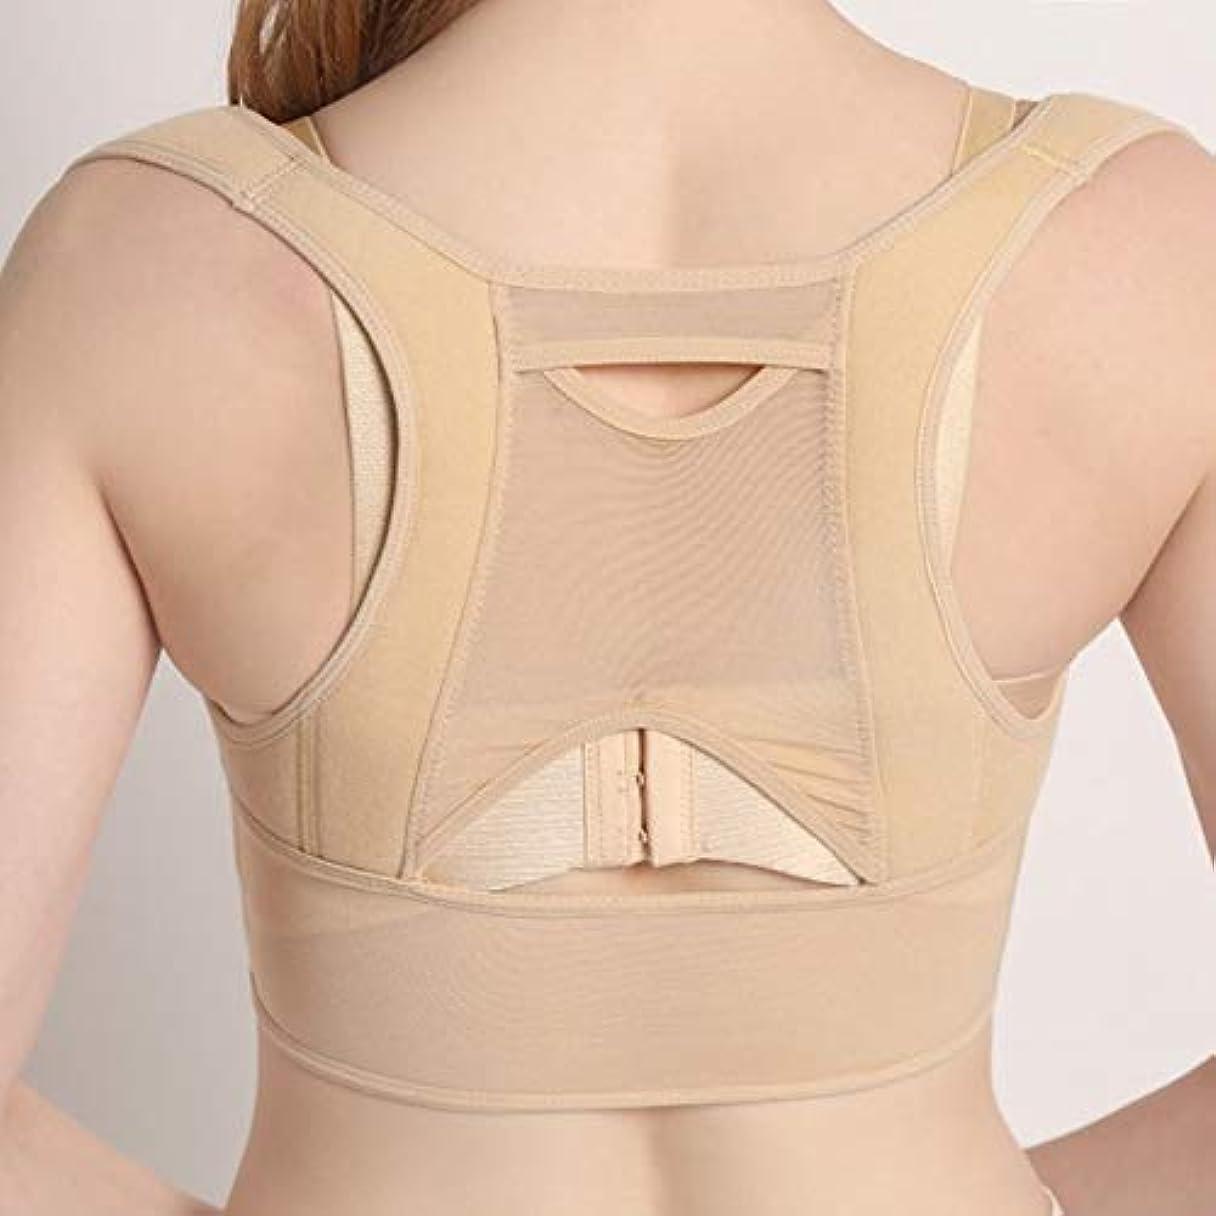 降雨提供するトライアスリート通気性のある女性の背中の姿勢矯正コルセット整形外科の背中の肩の背骨の姿勢矯正腰椎サポート - ベージュホワイトL